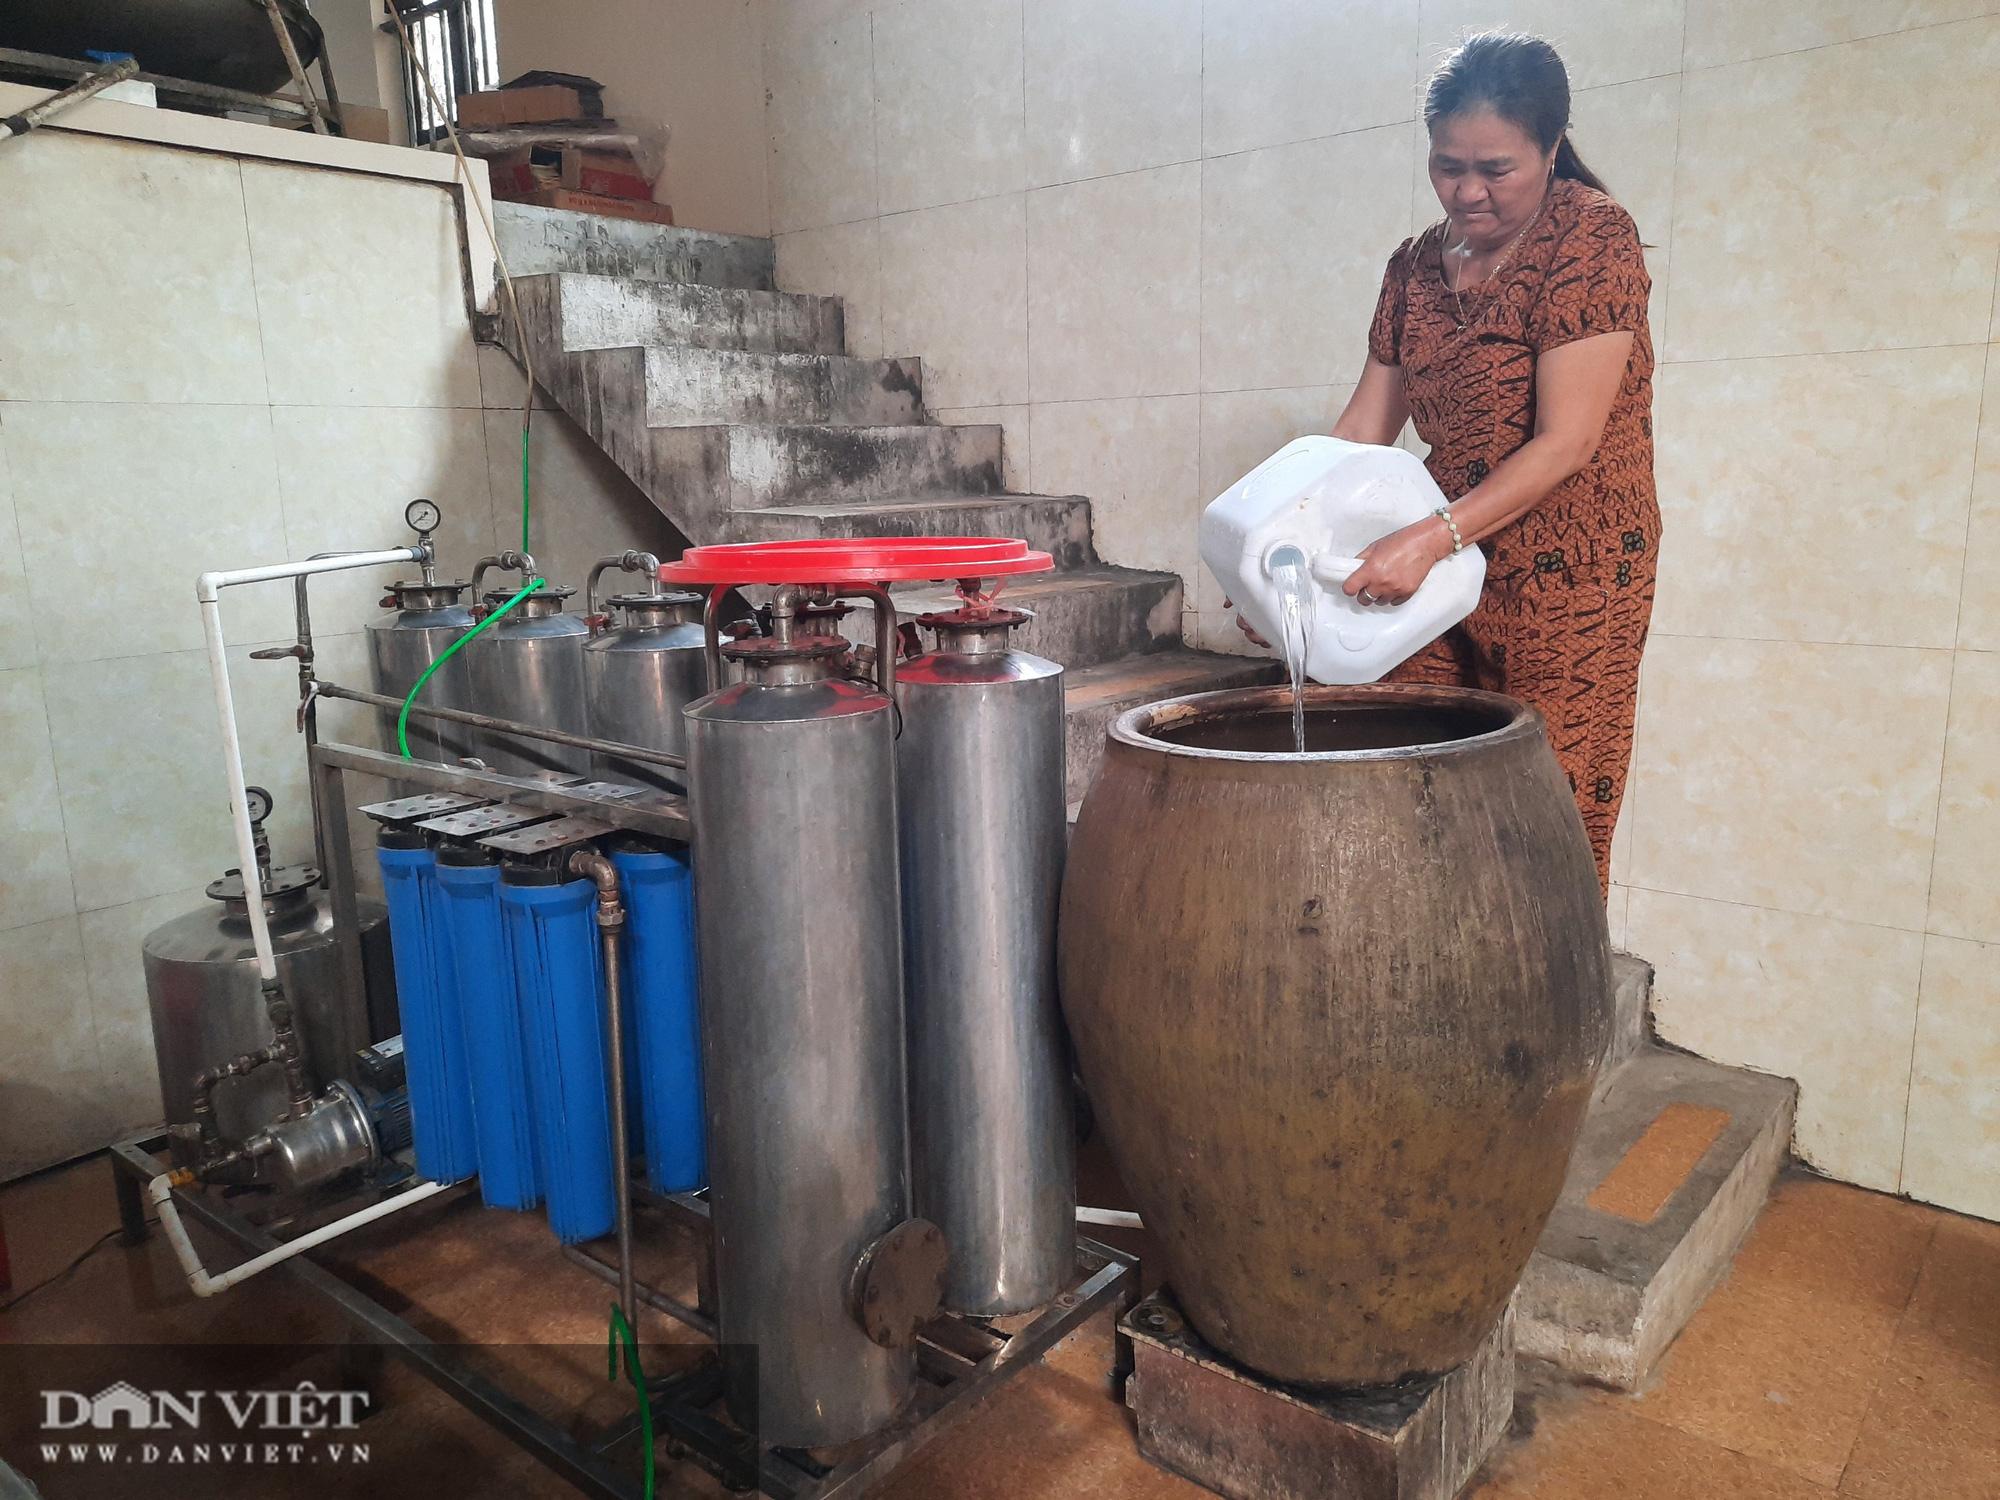 Ninh Bình: Nấu gạo cho ra thứ nước trắng trong nổi tiếng trong ngoài nước - Ảnh 2.